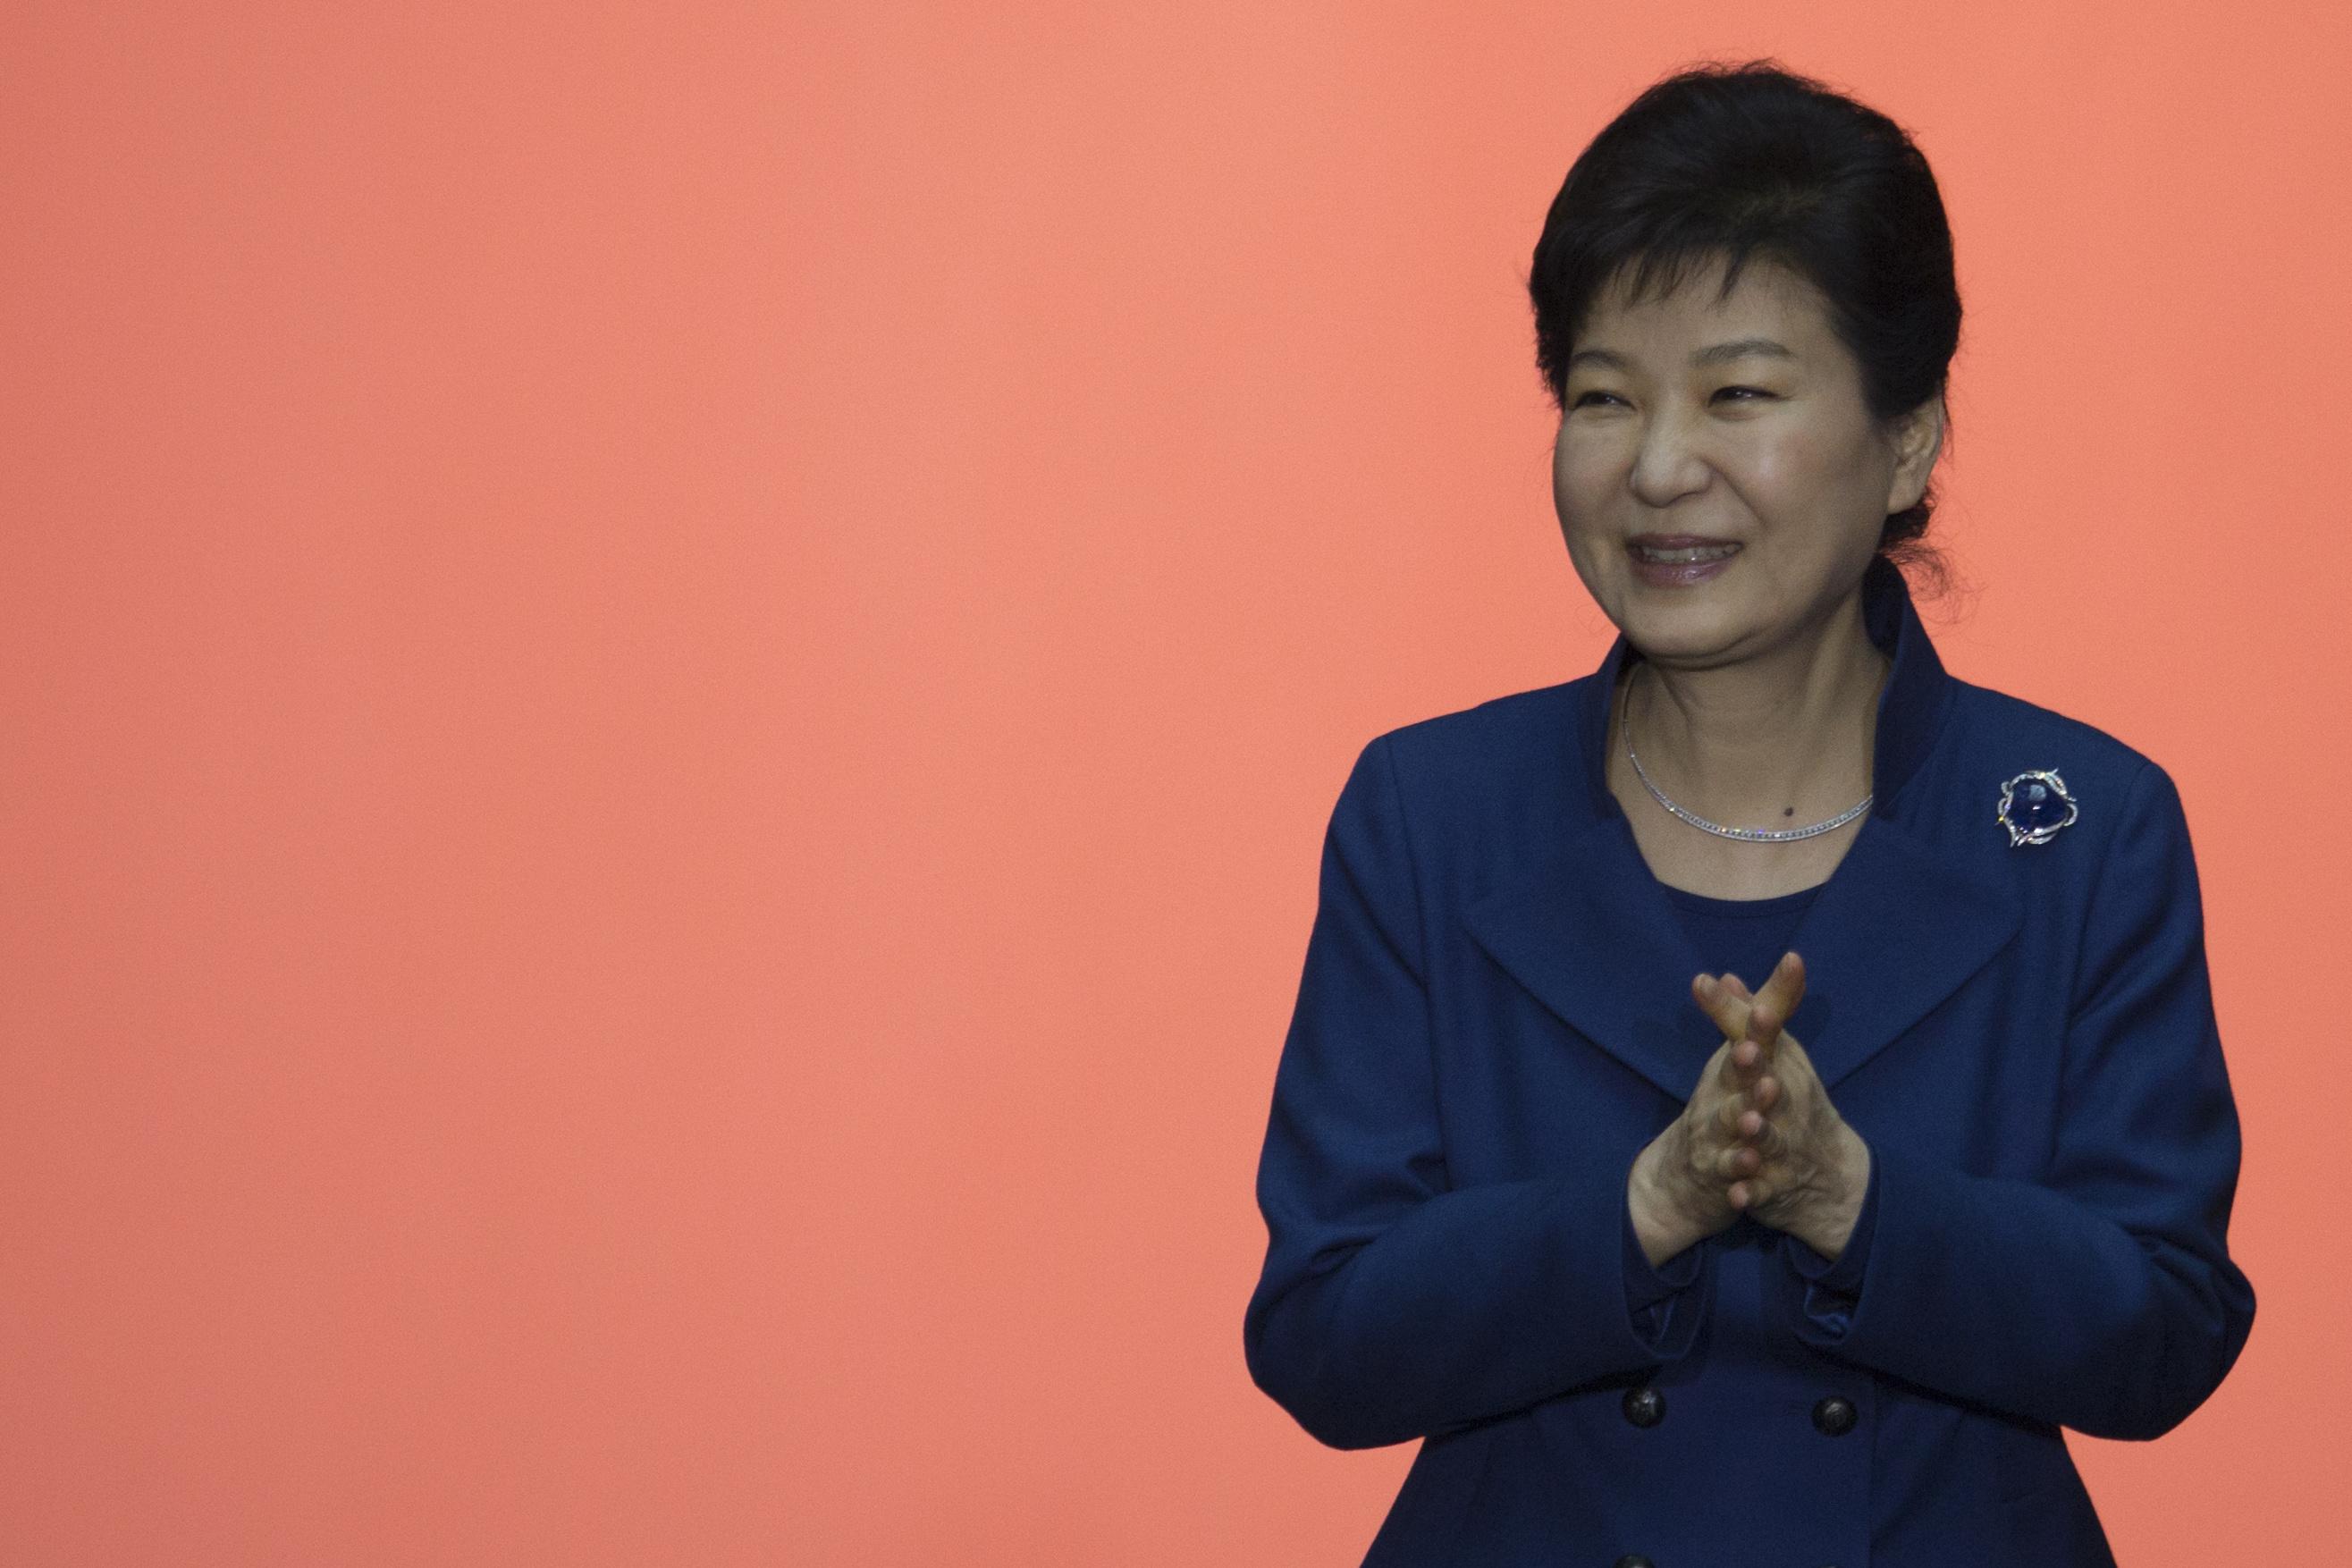 Park Geun-hye Visits Mexico